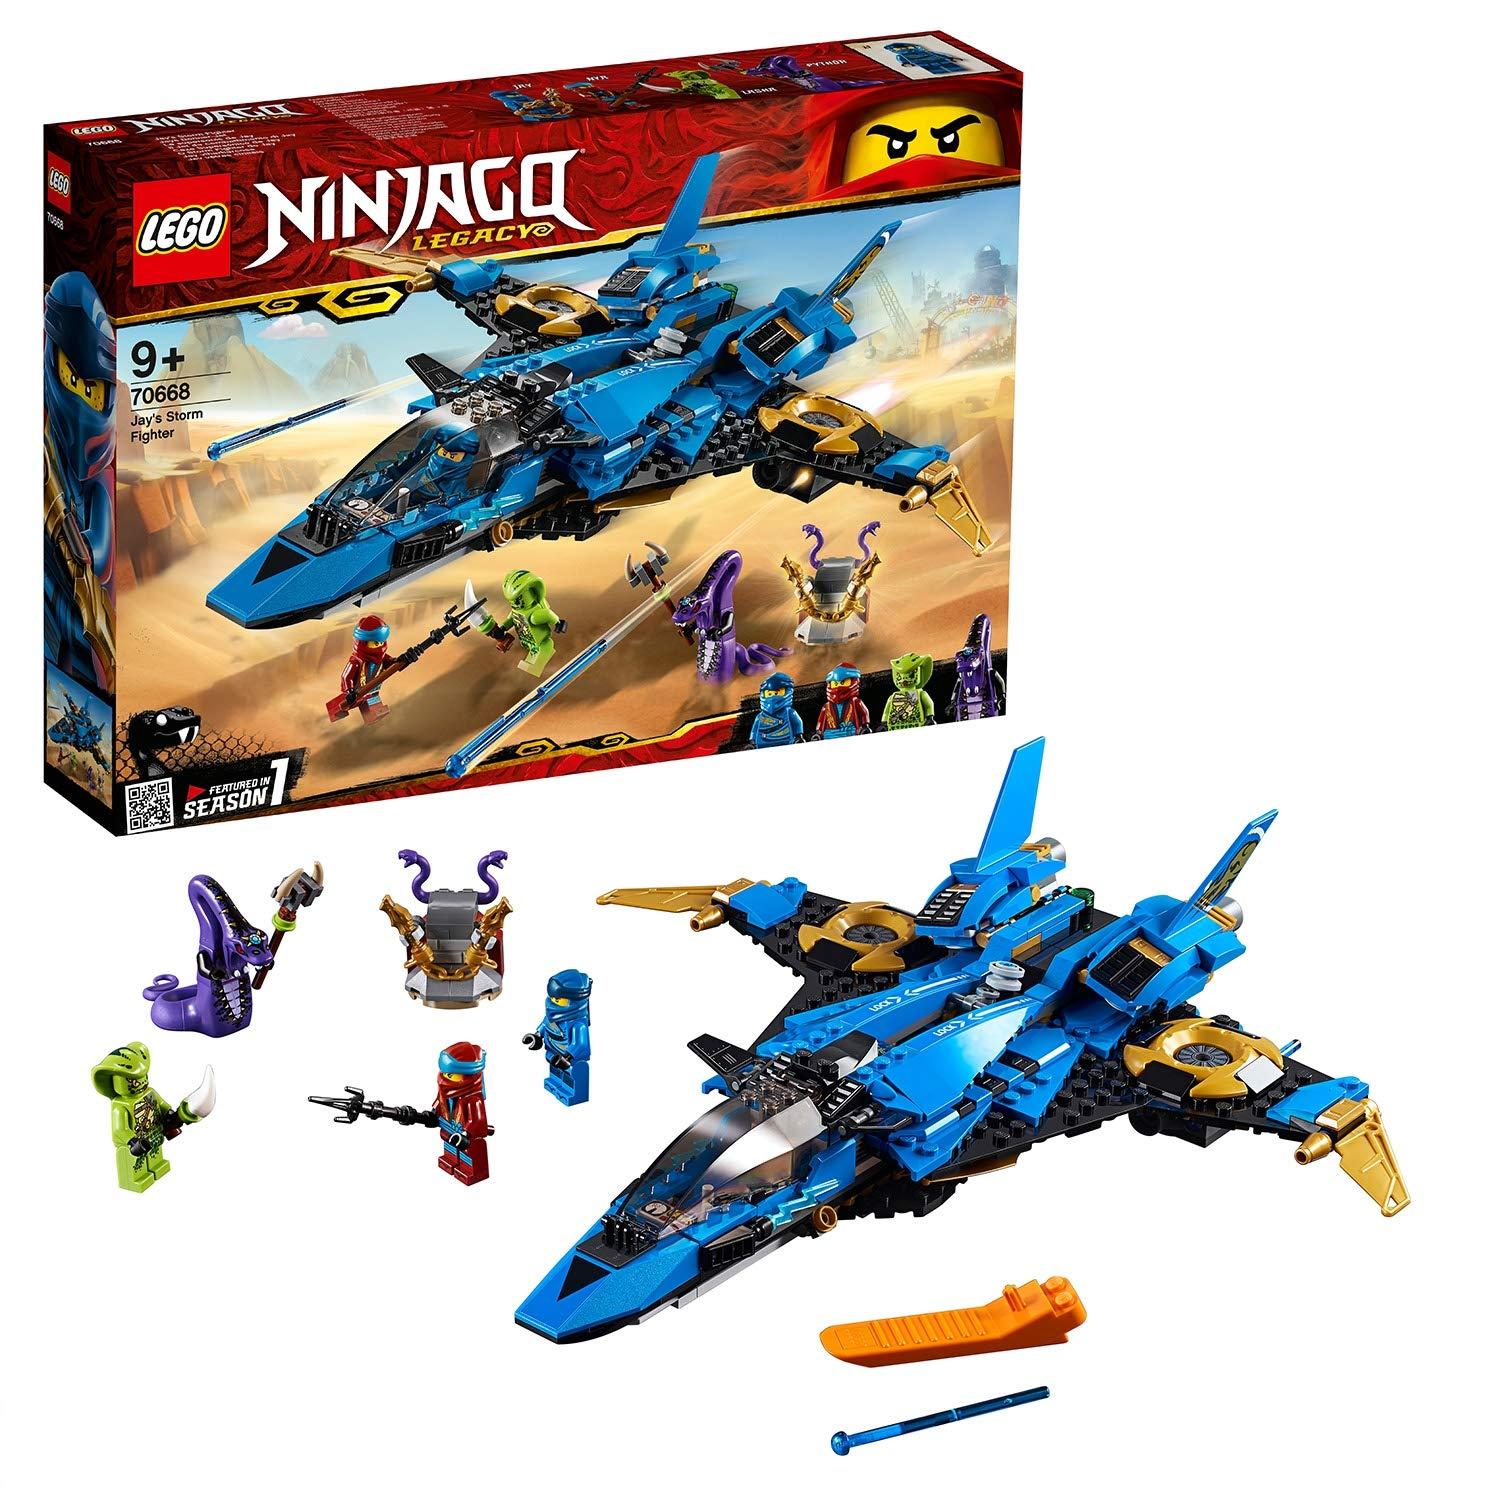 achat LEGO NINJAGO - Le supersonic de Jay - 70668 - Jeu de construction pas cher prix